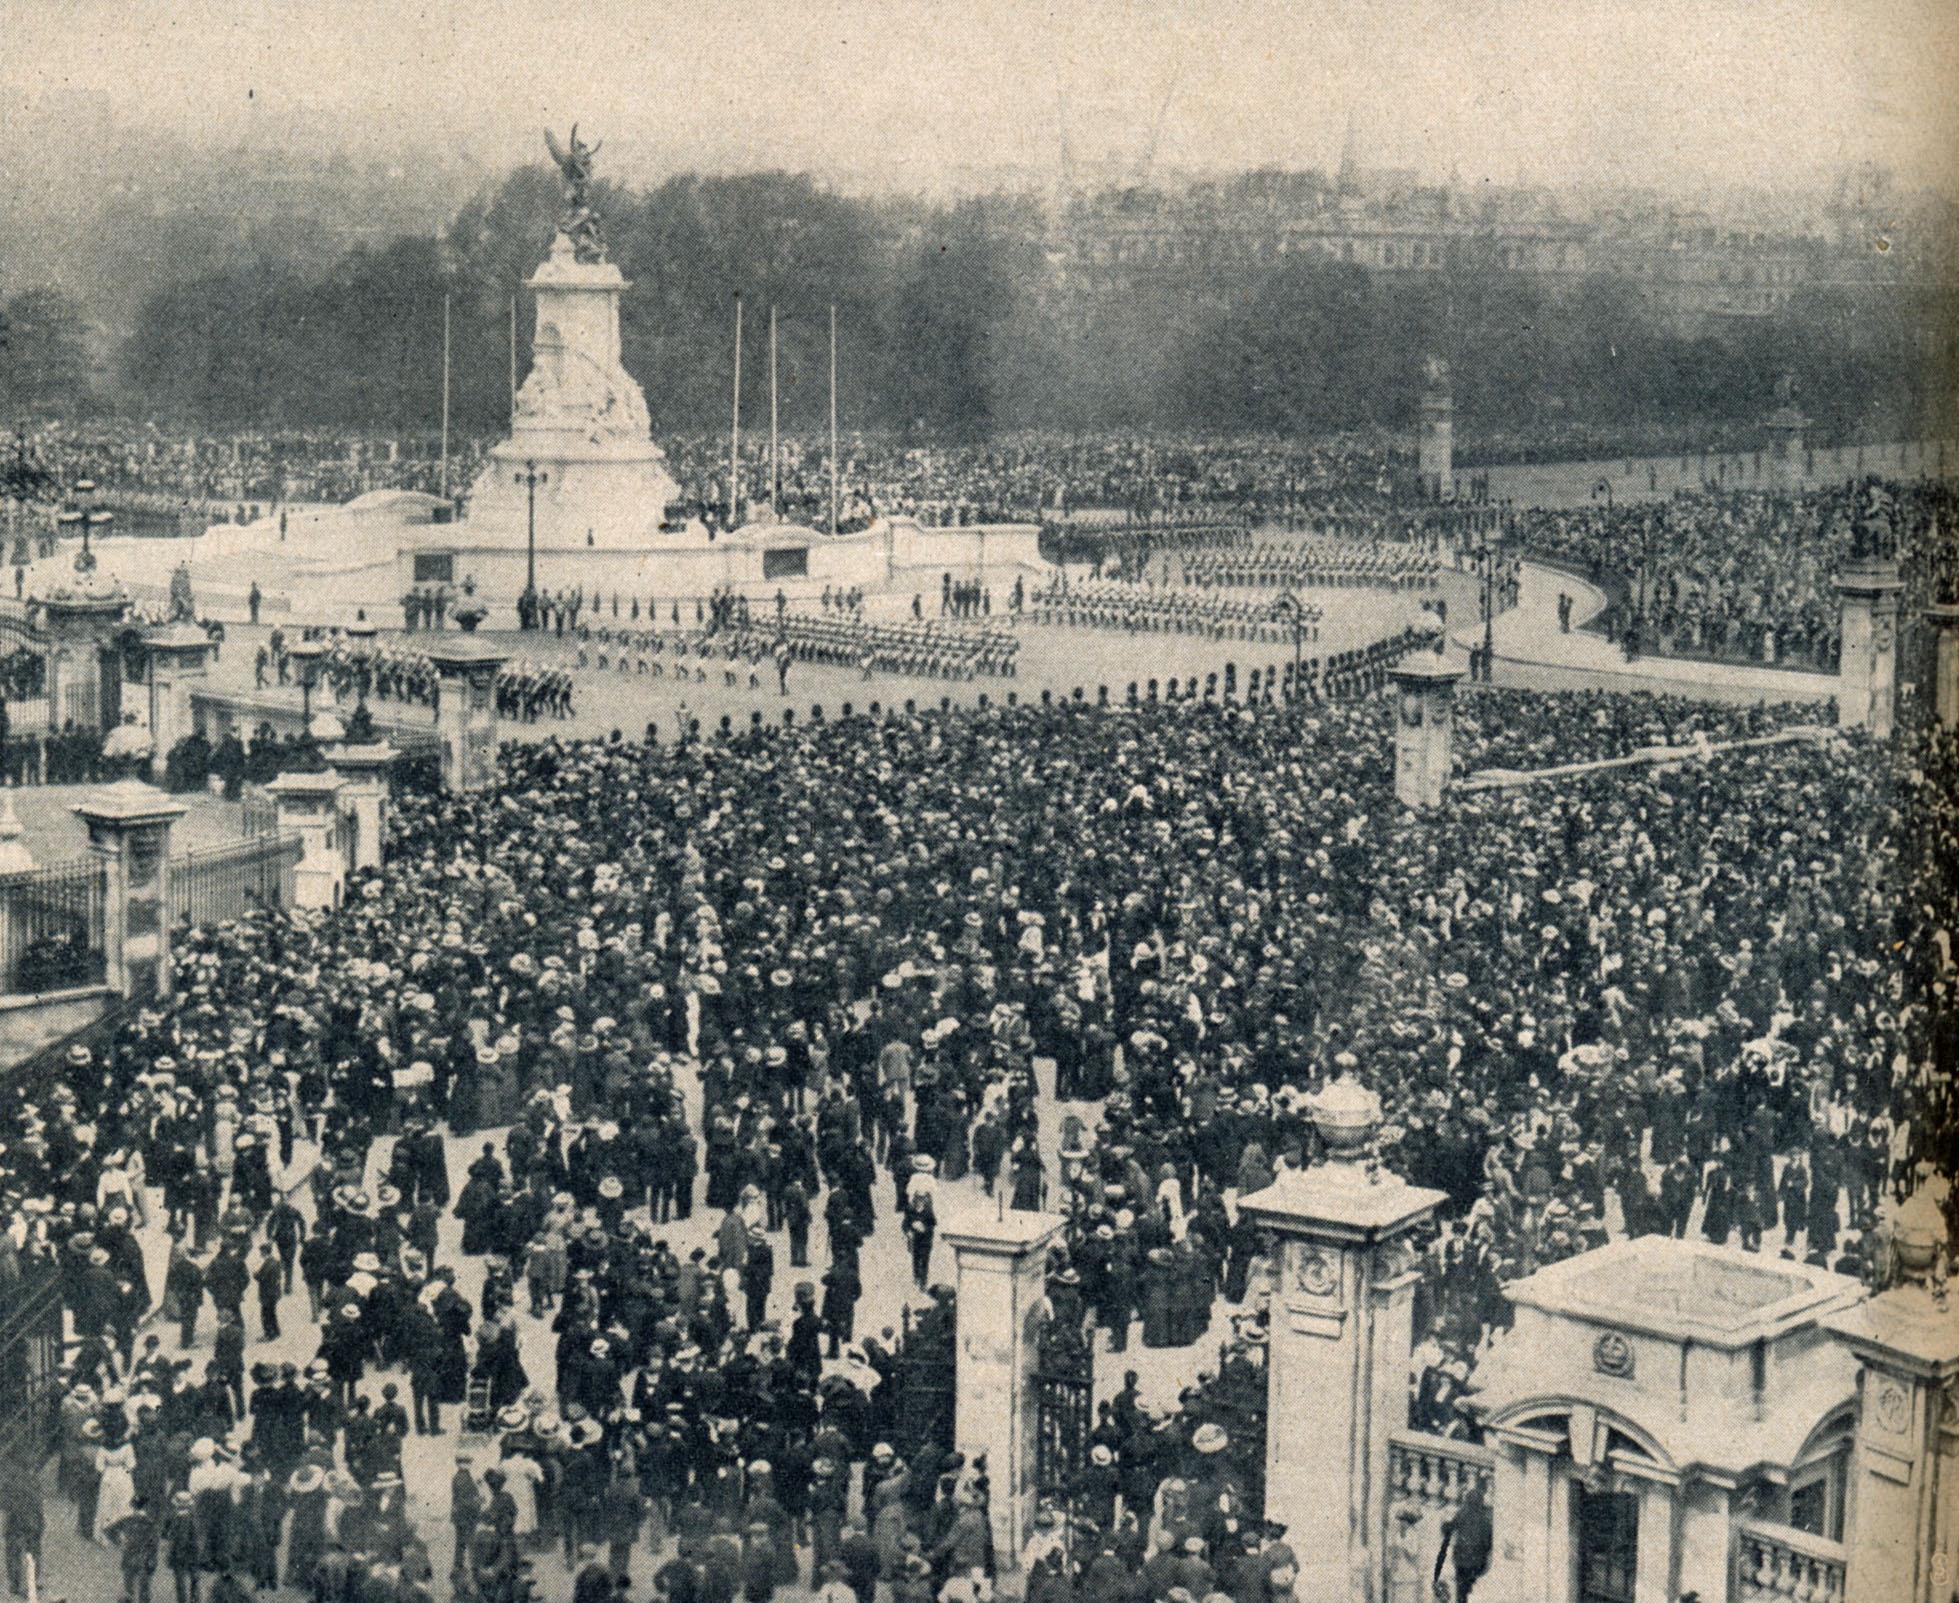 woche-1911-nr.-21-s.864-zuschauermenge-denkmal-koenigin-viktoria